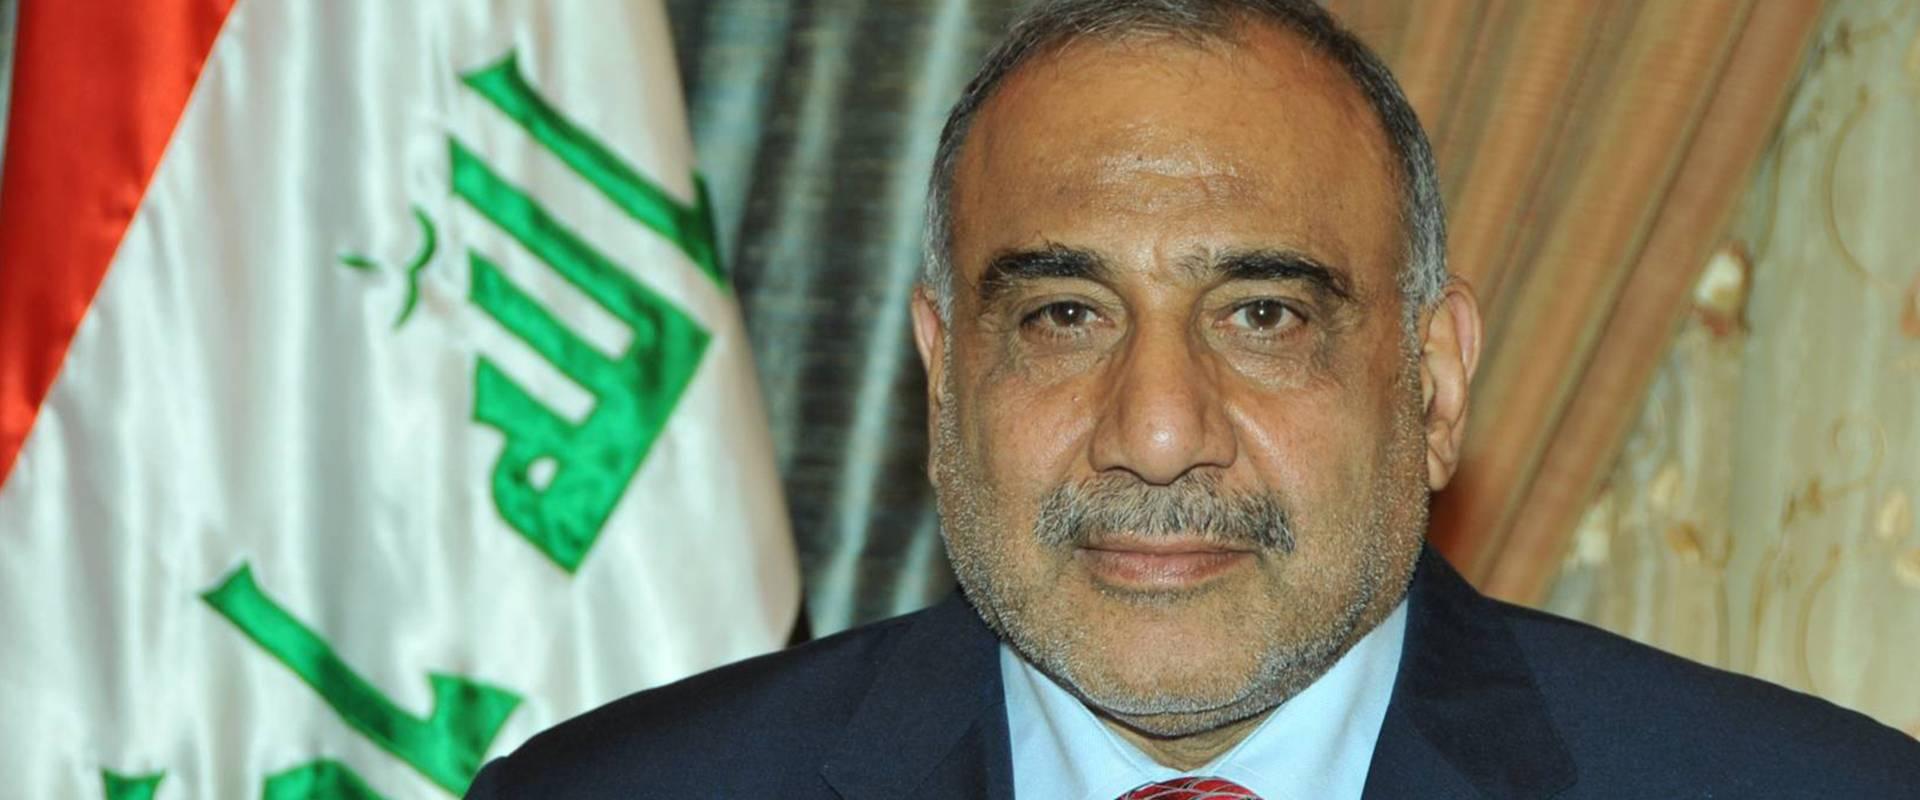 A technocrat with an unorthodox streak - Iraqi PM Abdul Mahdi